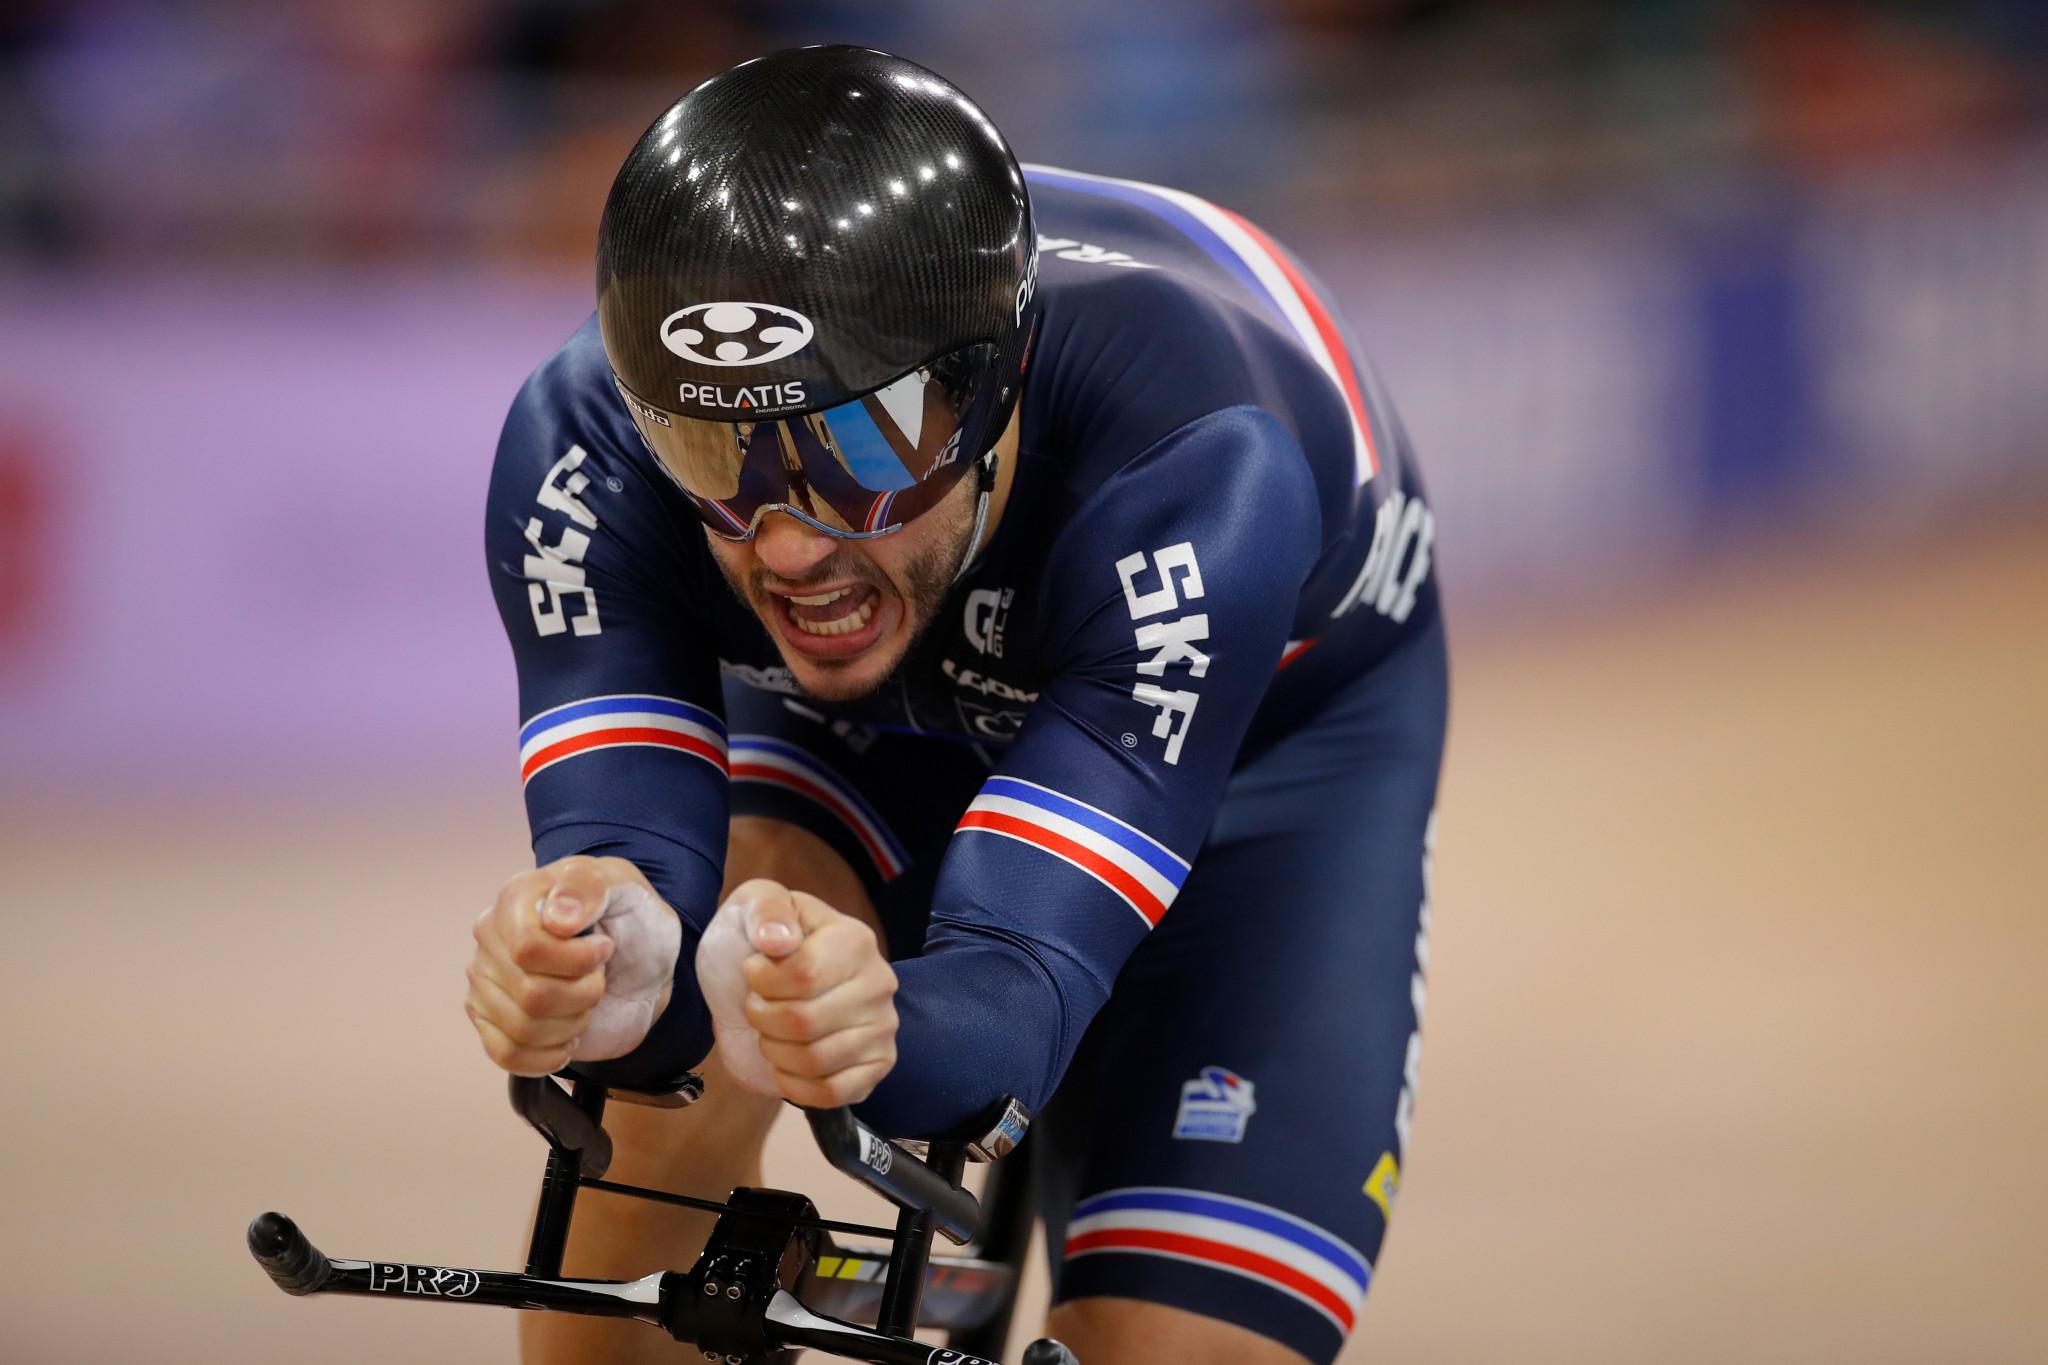 Sprinter Lafargue targets switch to team pursuit for Paris 2024